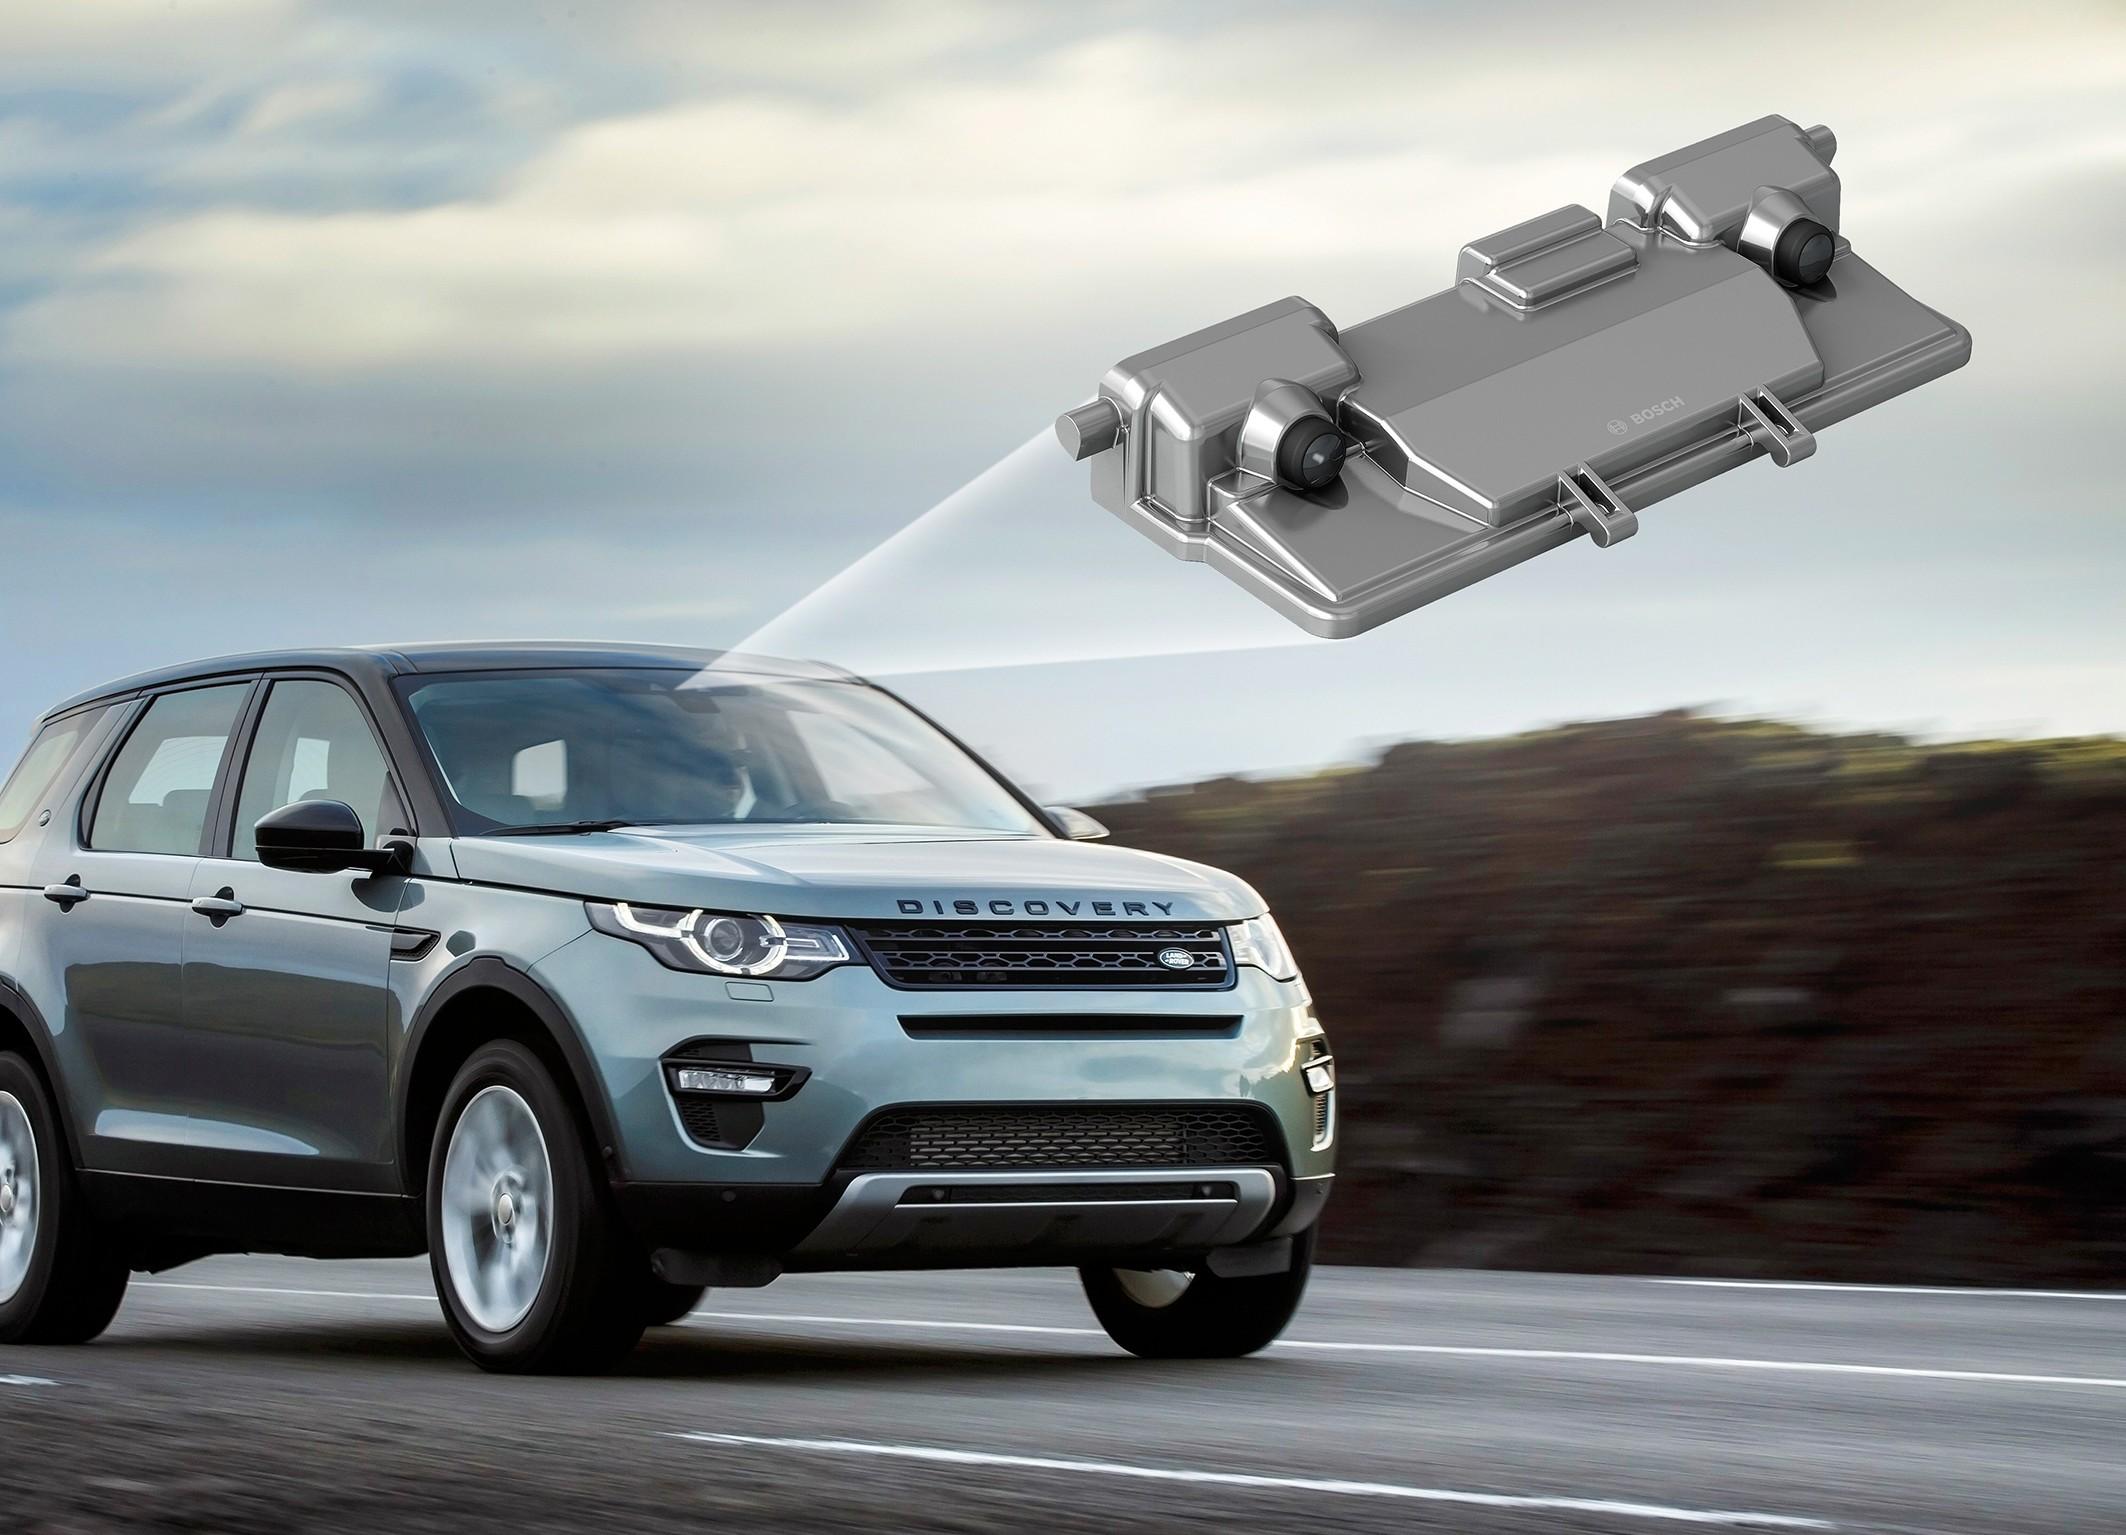 Видеокамера способна запустить систему экстренного торможения авто